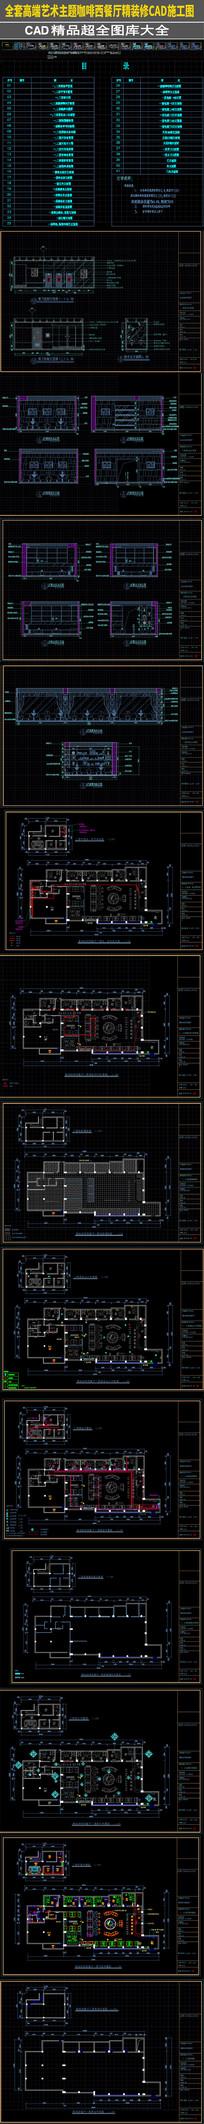 全套高端艺术主题咖啡西餐厅CAD施工图